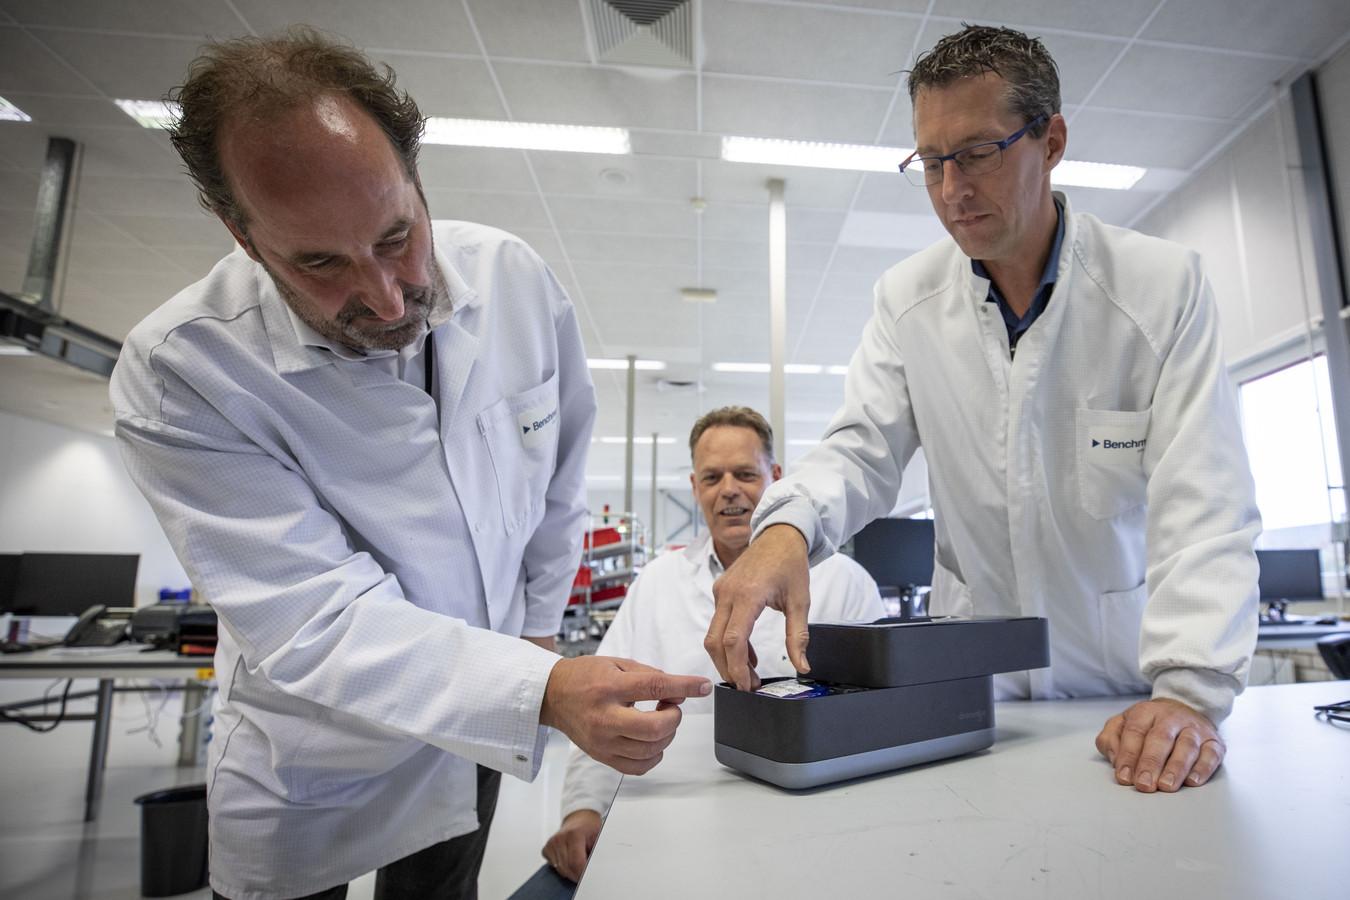 Vanaf links: Herman Bartelink (directeur), Paul Keijser (business developer) en Willem Jan Esmeijer (projectleider) met het 'lab in een schoenendoos'.